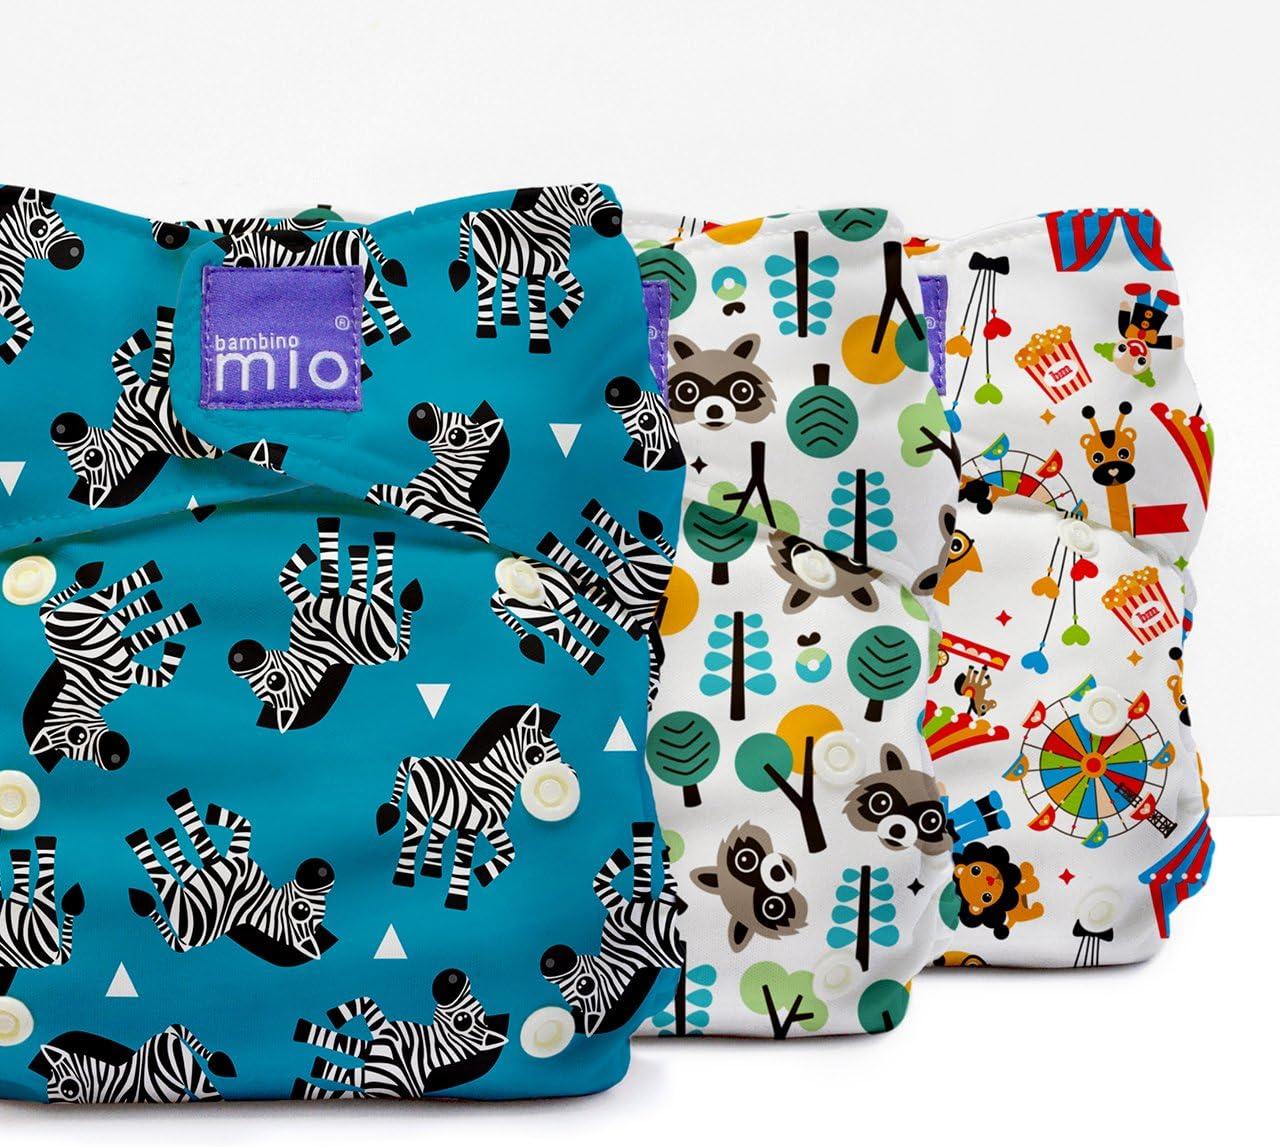 unisex Lot de 1 miosolo set de pa/ñales de tela fiesta del safari Bambino Mio NKSOXSAF -